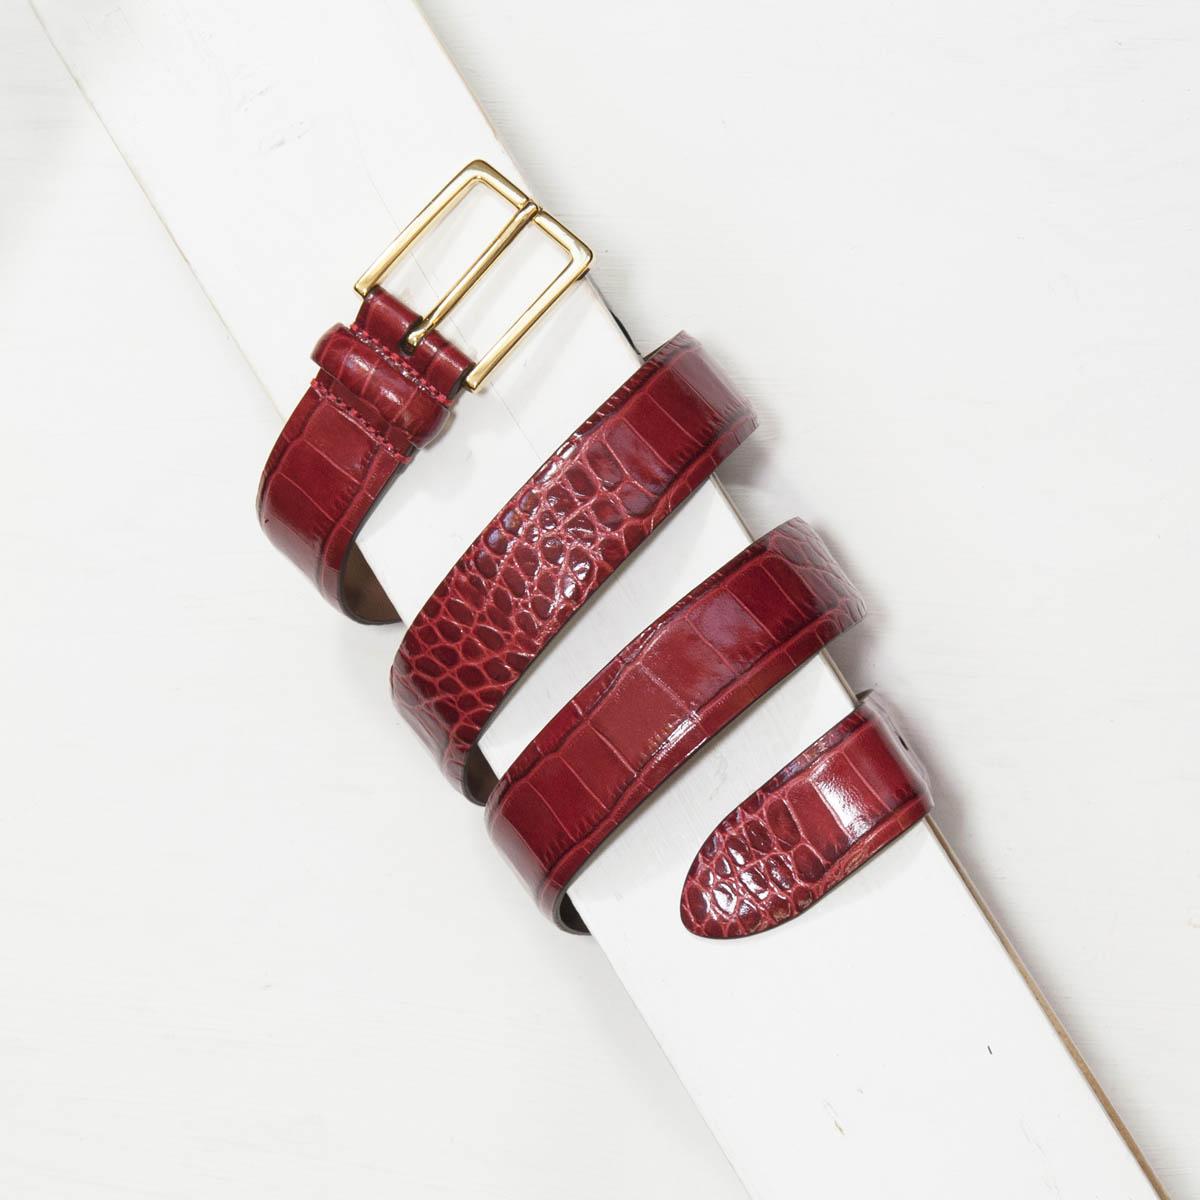 3,0 cm RED MOCK CROC LEATHER BELT